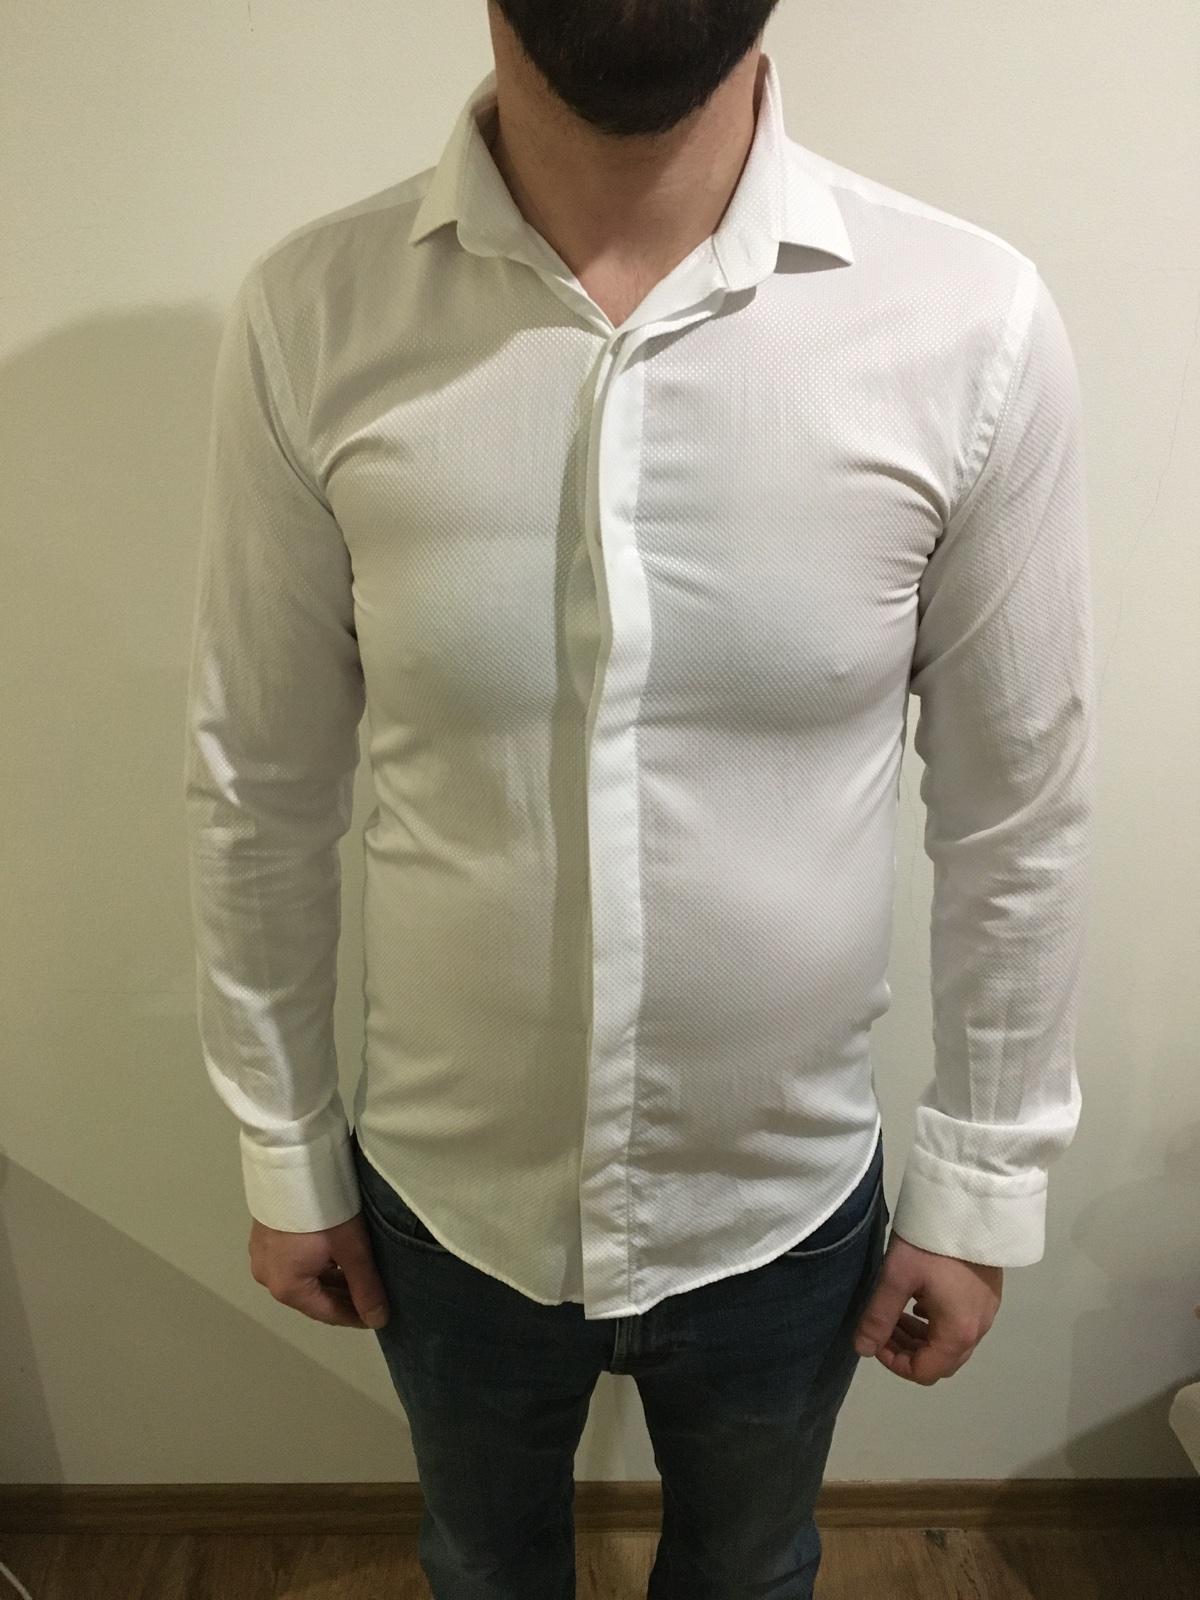 Biela košeľa - Obrázok č. 3